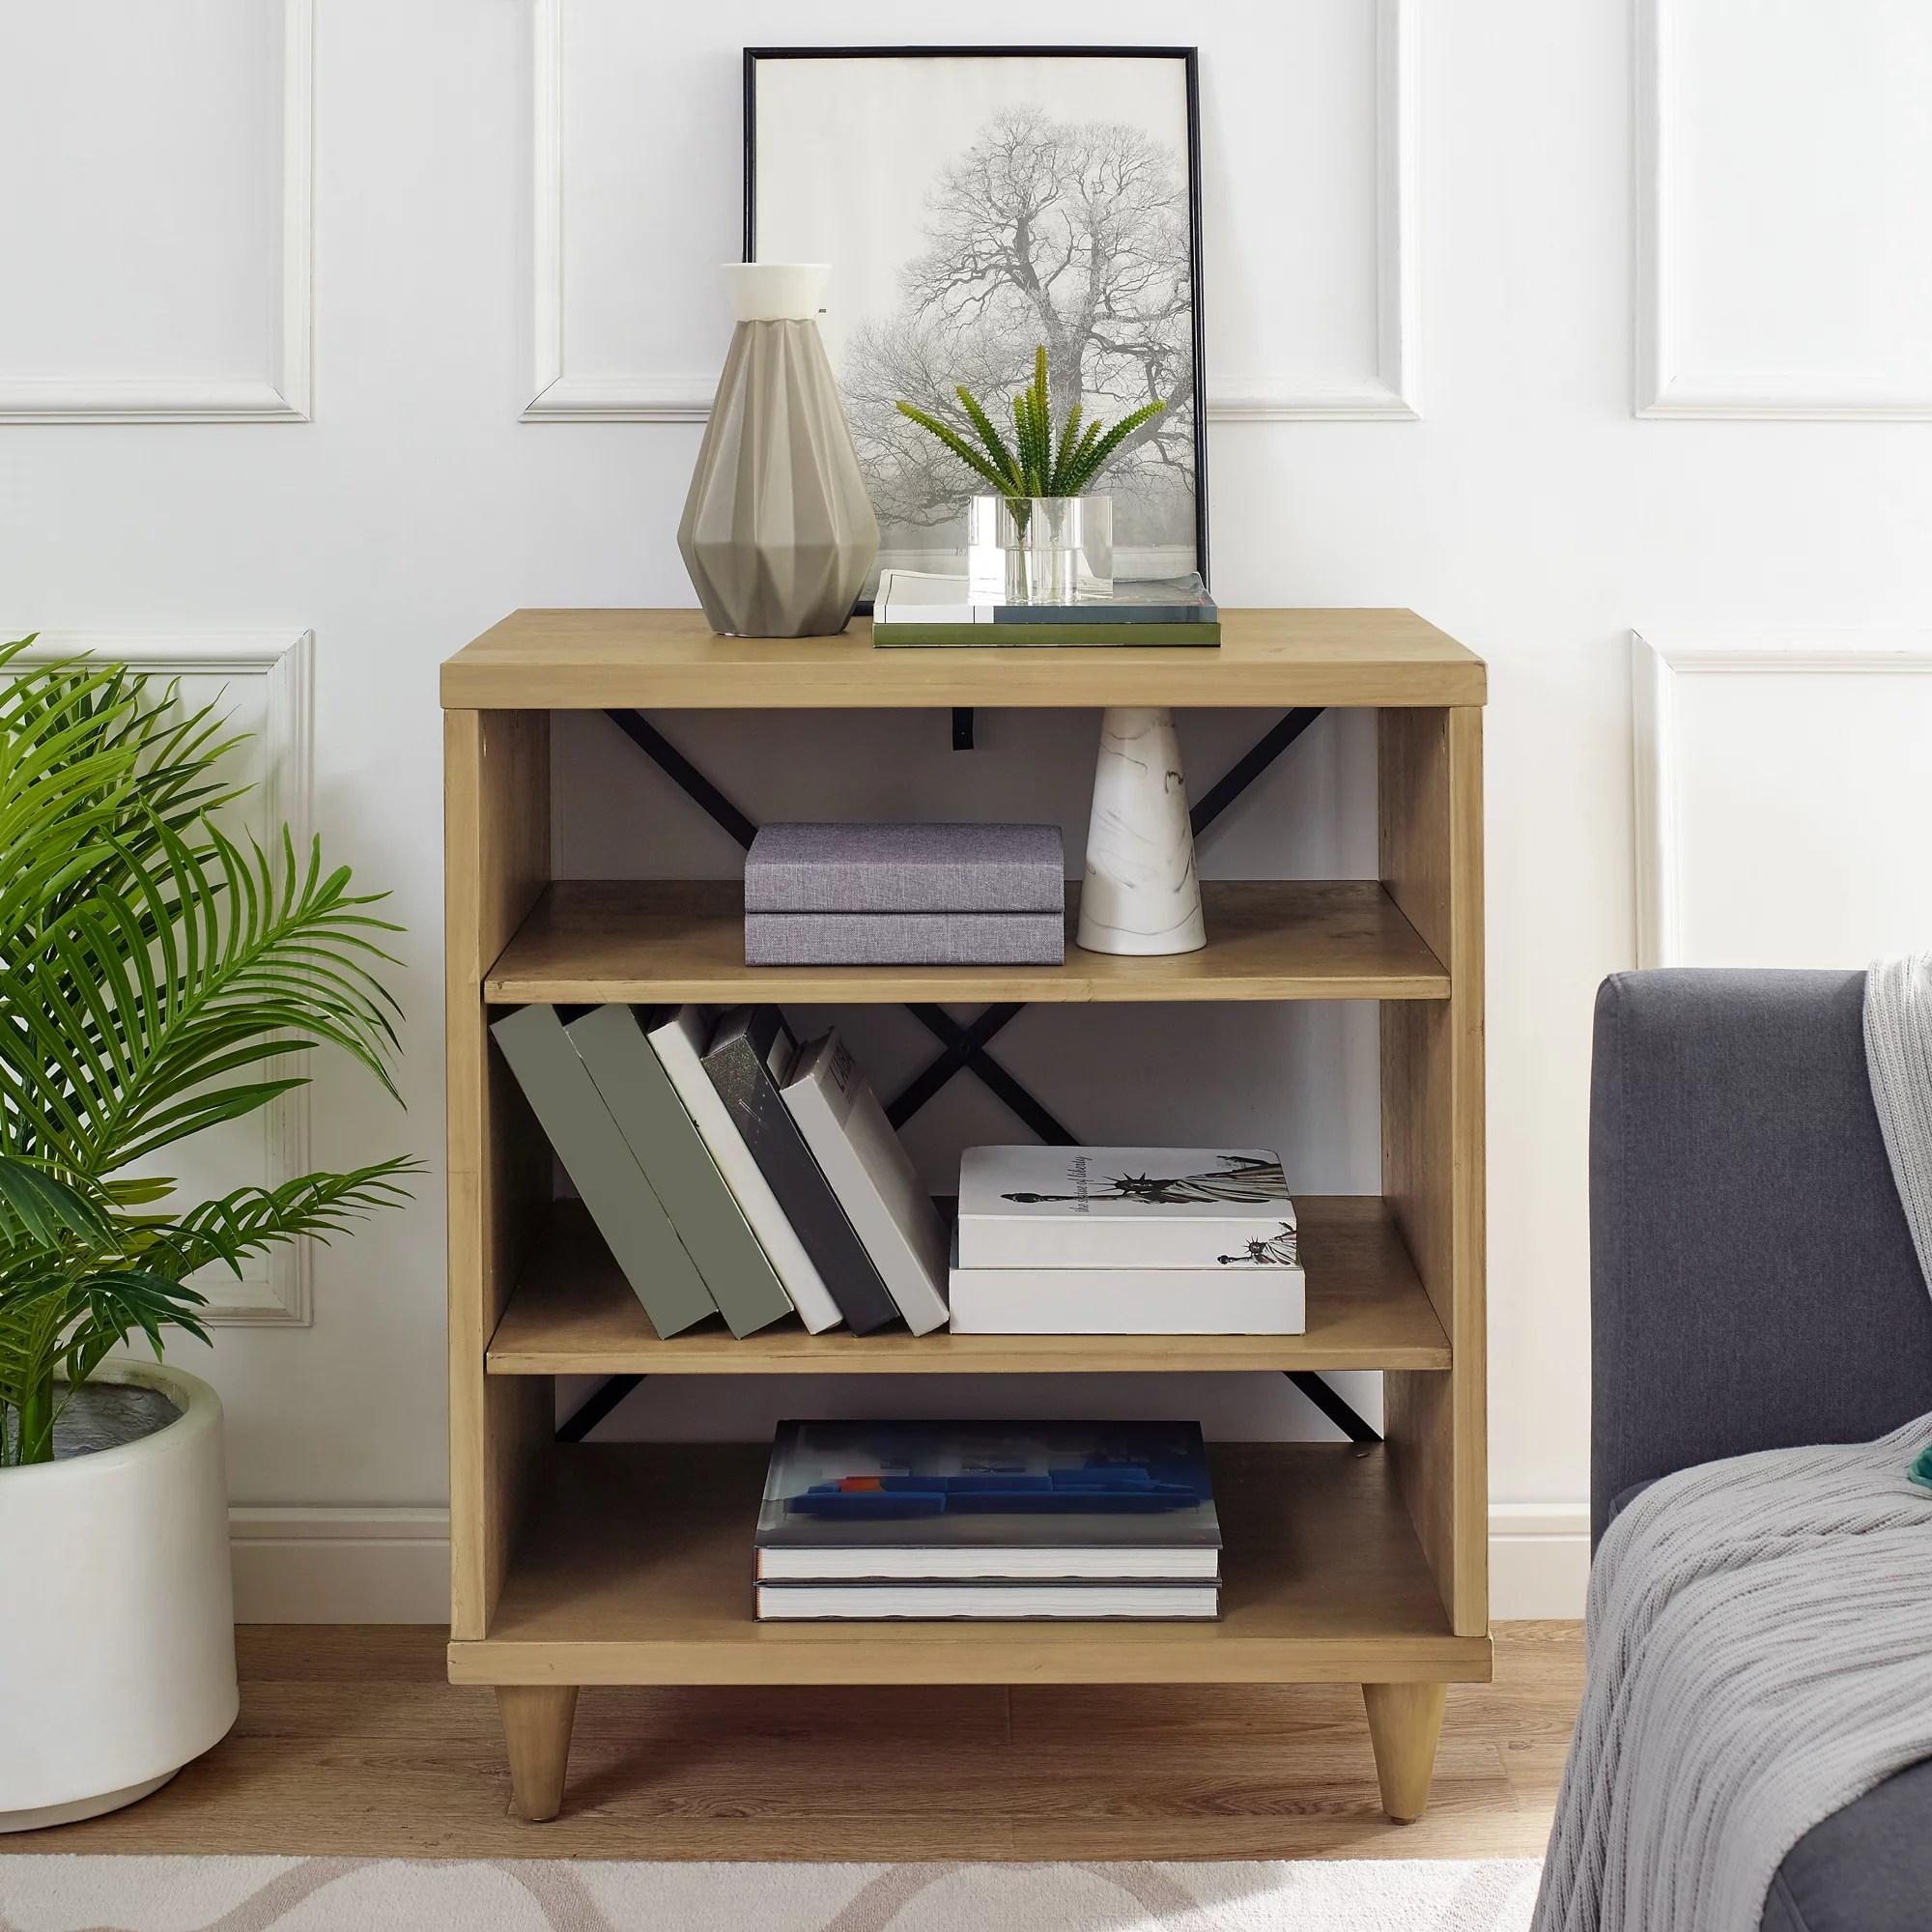 Modern Essentials Georgette Rustic Farm House Three Shelf